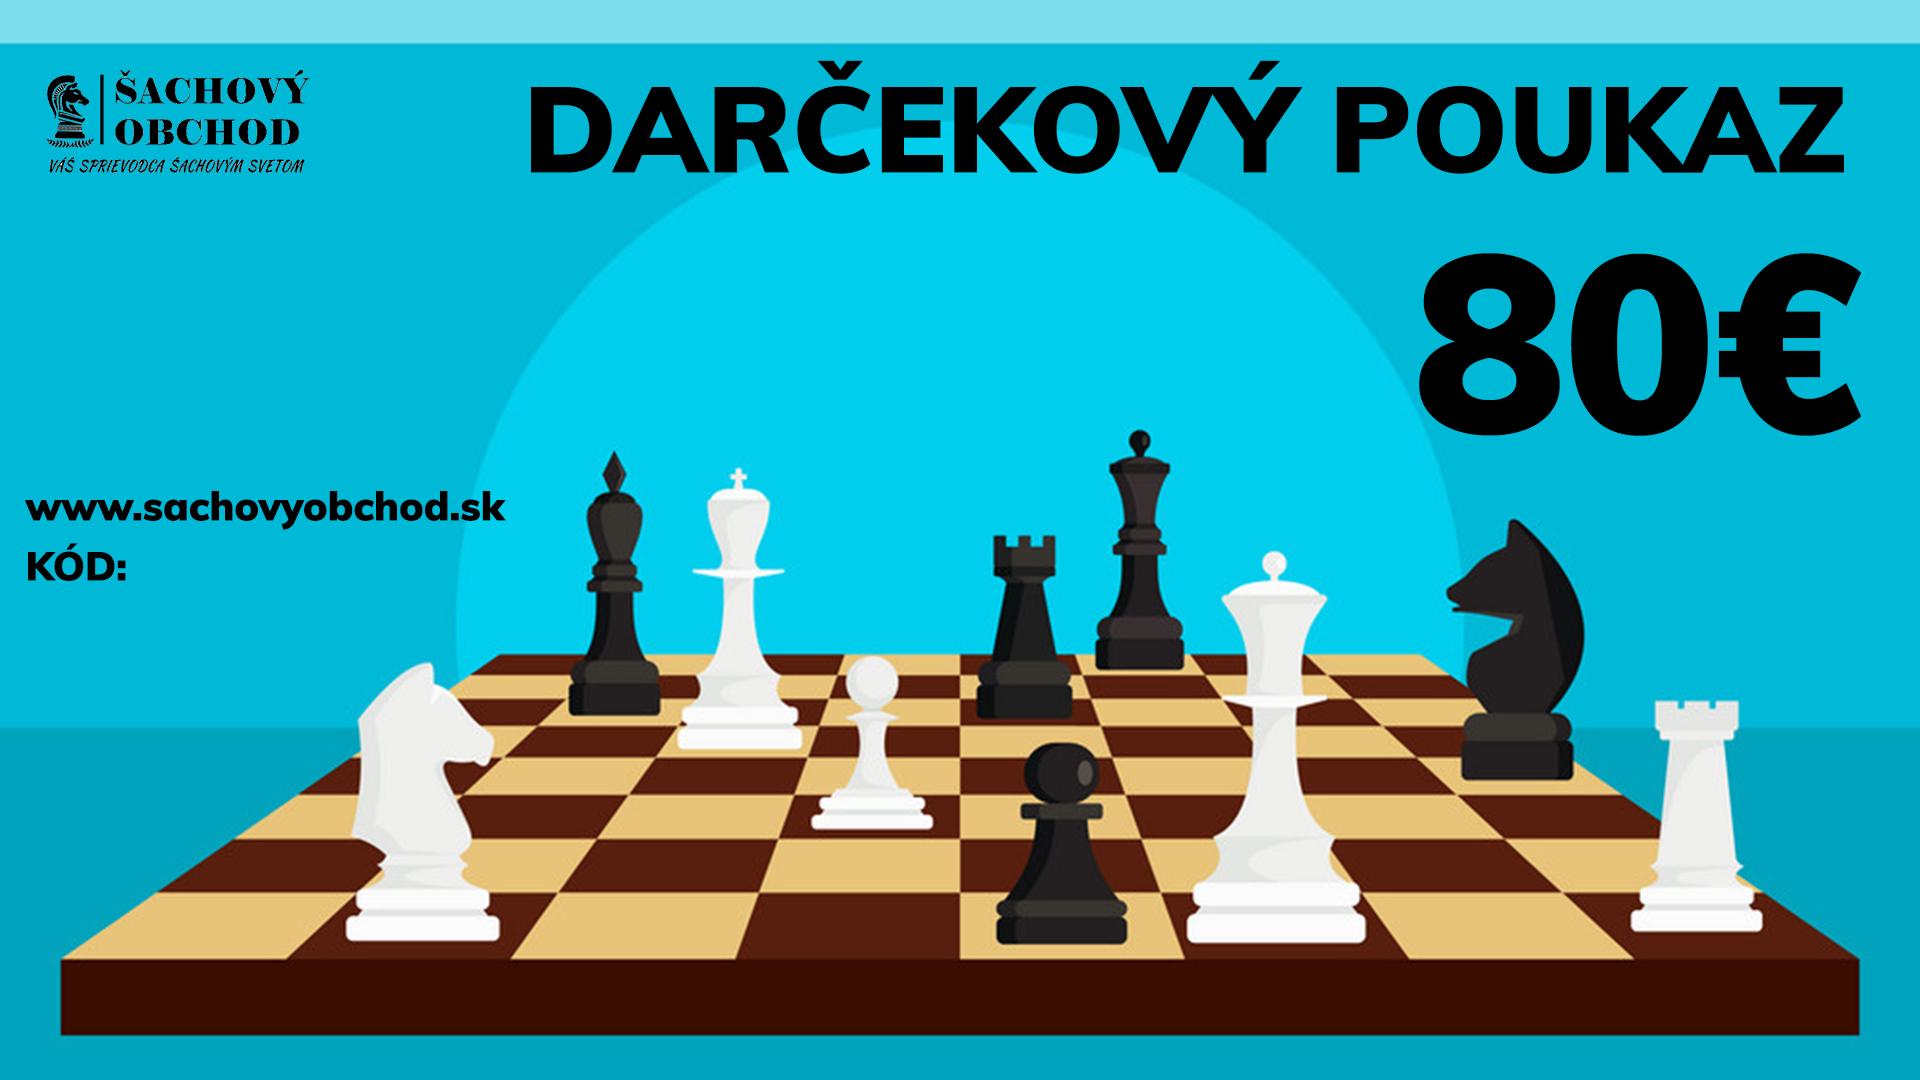 darcekovy_poukaz_80